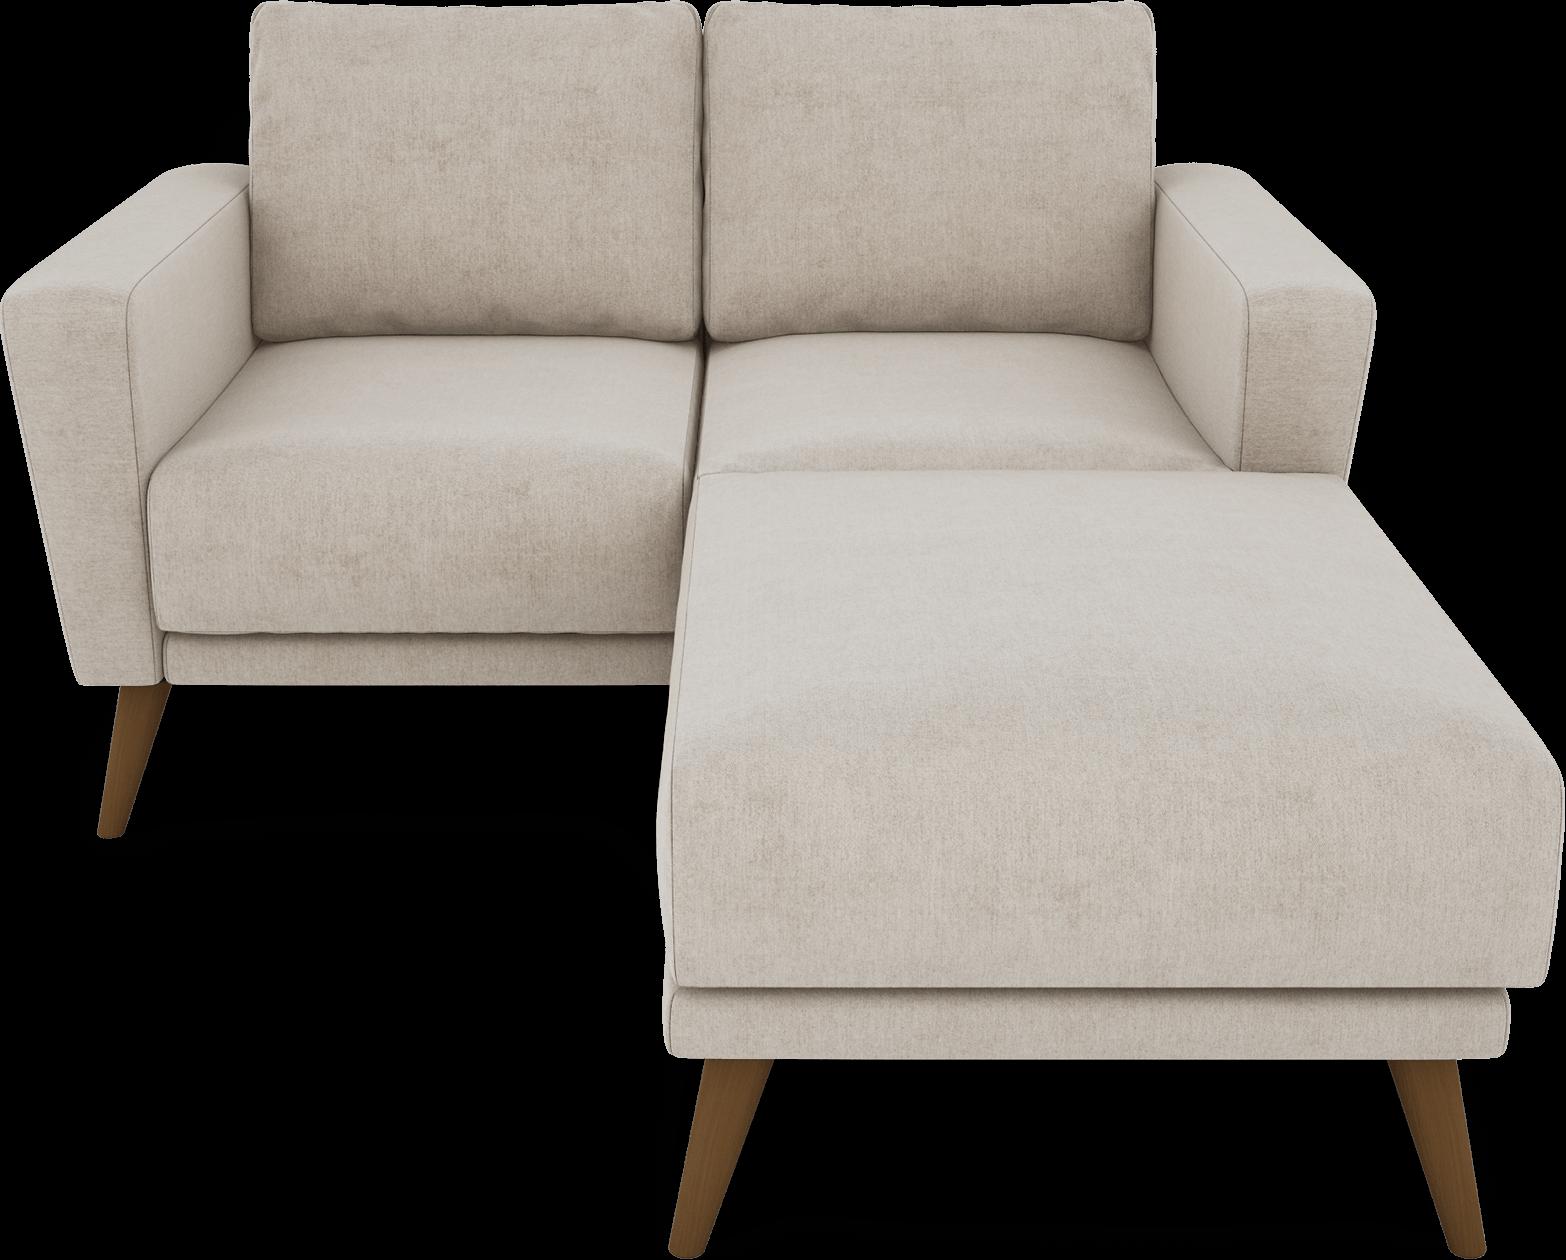 Full Size of Zweisitzer Sofa Lotta Sofas Onlineshop Mit Relaxfunktion Elektrisch Online Kaufen Indomo Schlaffunktion Beziehen Schlafsofa Liegefläche 180x200 Kinderzimmer Sofa Zweisitzer Sofa